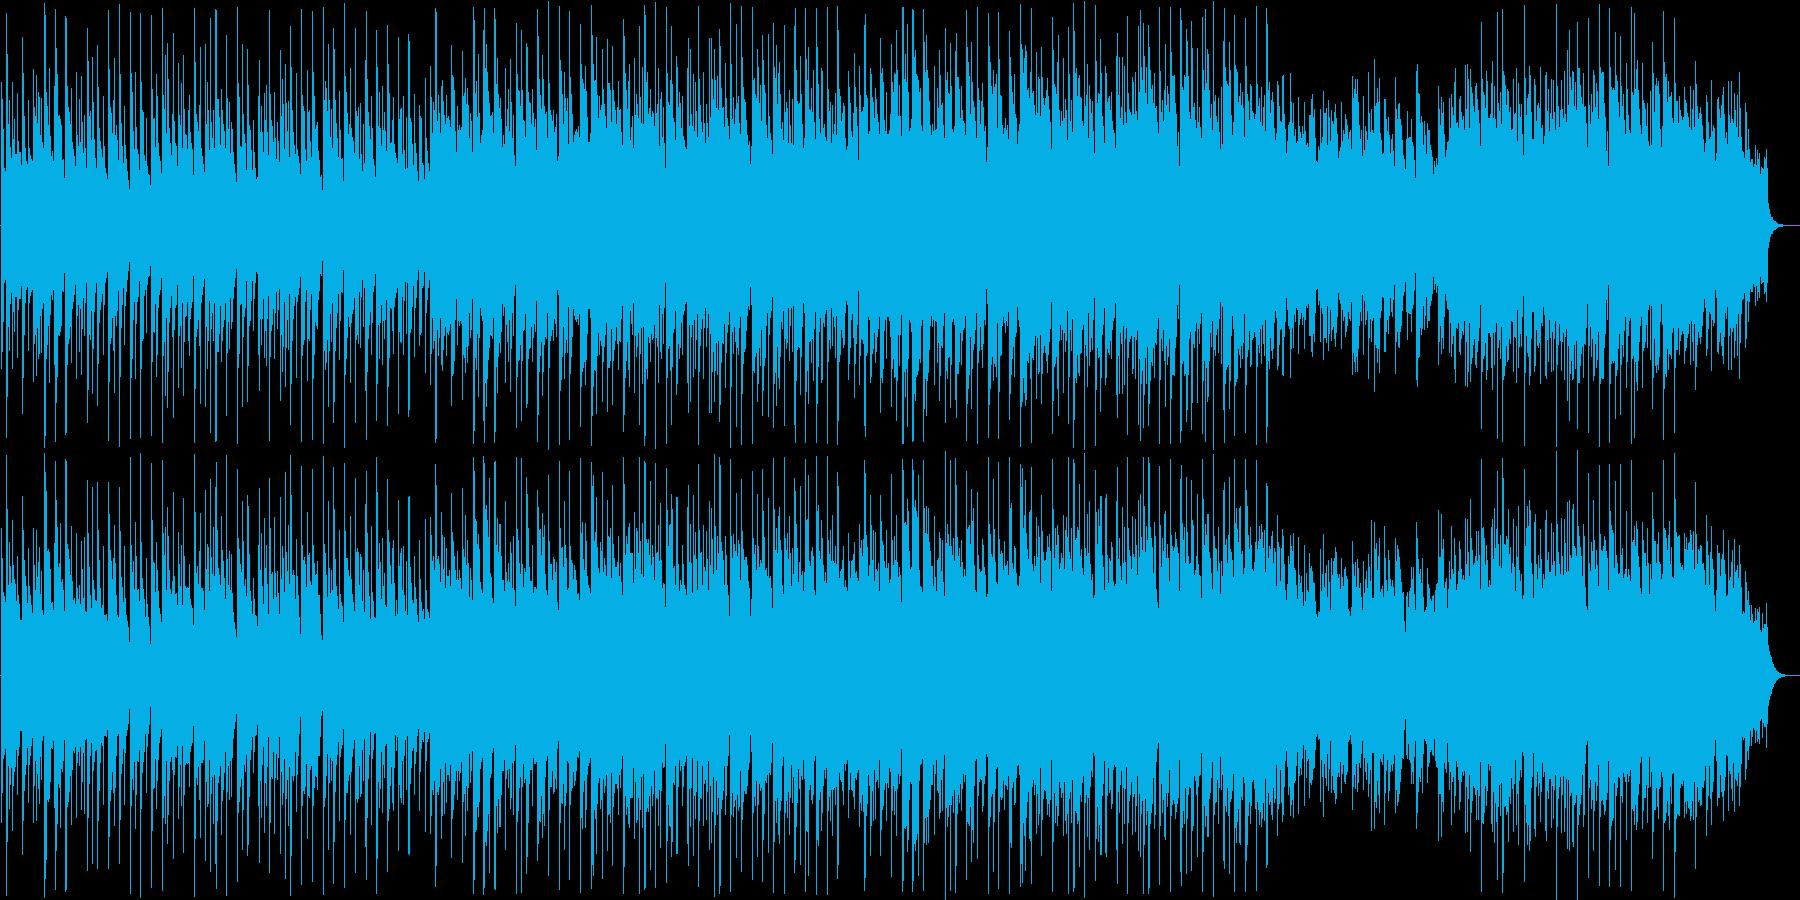 長閑で安らぐ和風BGMの再生済みの波形